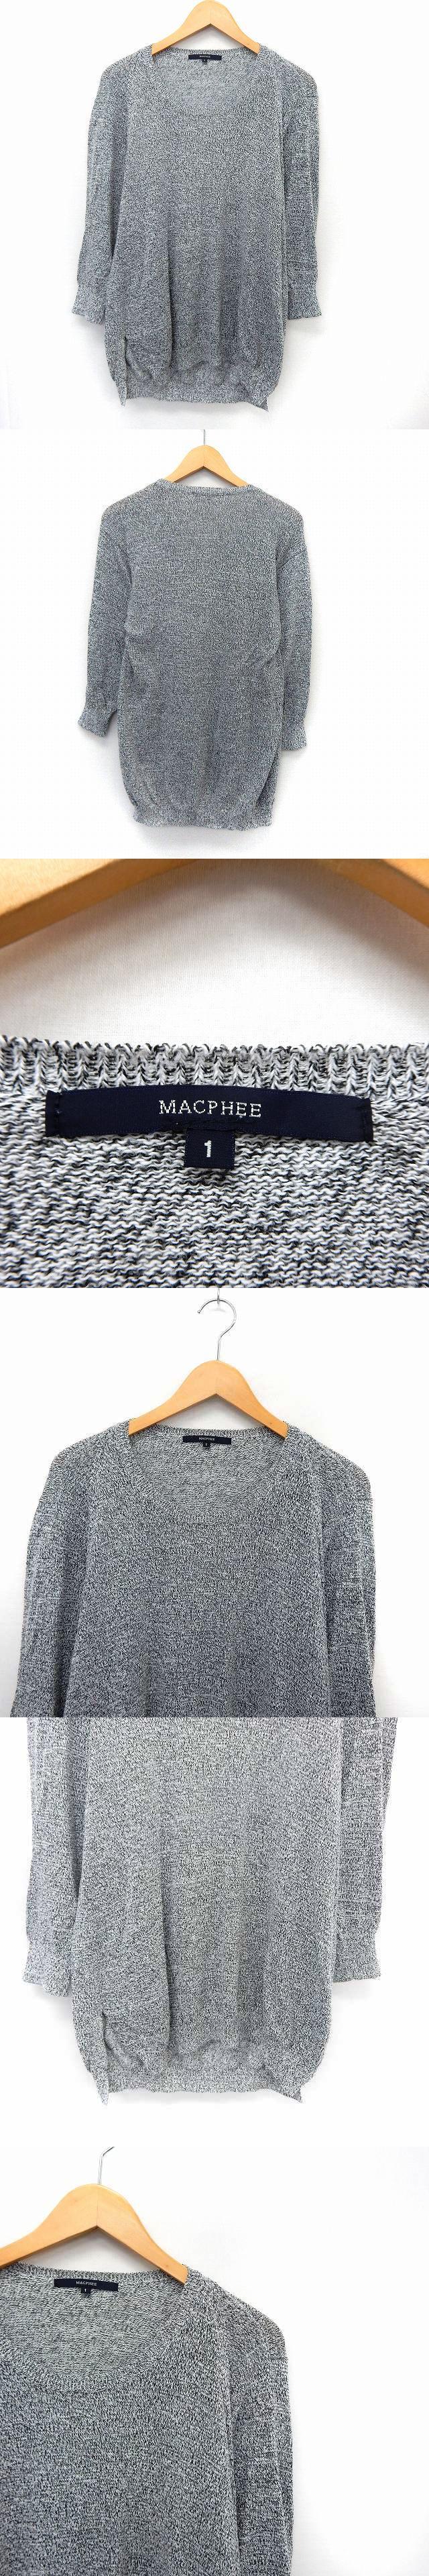 ニット セーター ロング 長袖 ミックスニット リブ袖 1 グレー /ST26